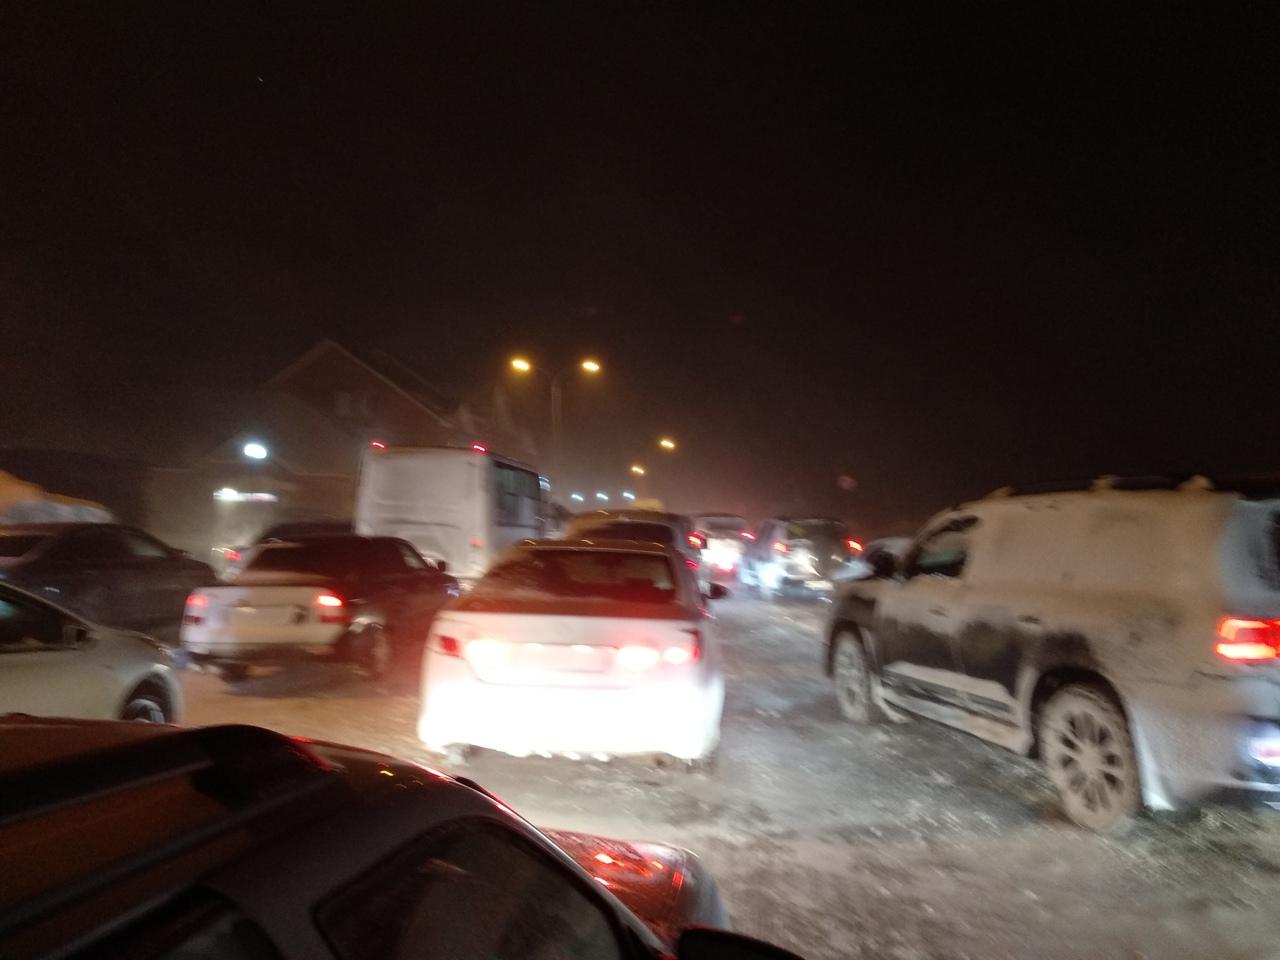 Жителей региона просят не пользоваться личным транспортом. В Самарской области введен «Оранжевый уровень опасности».